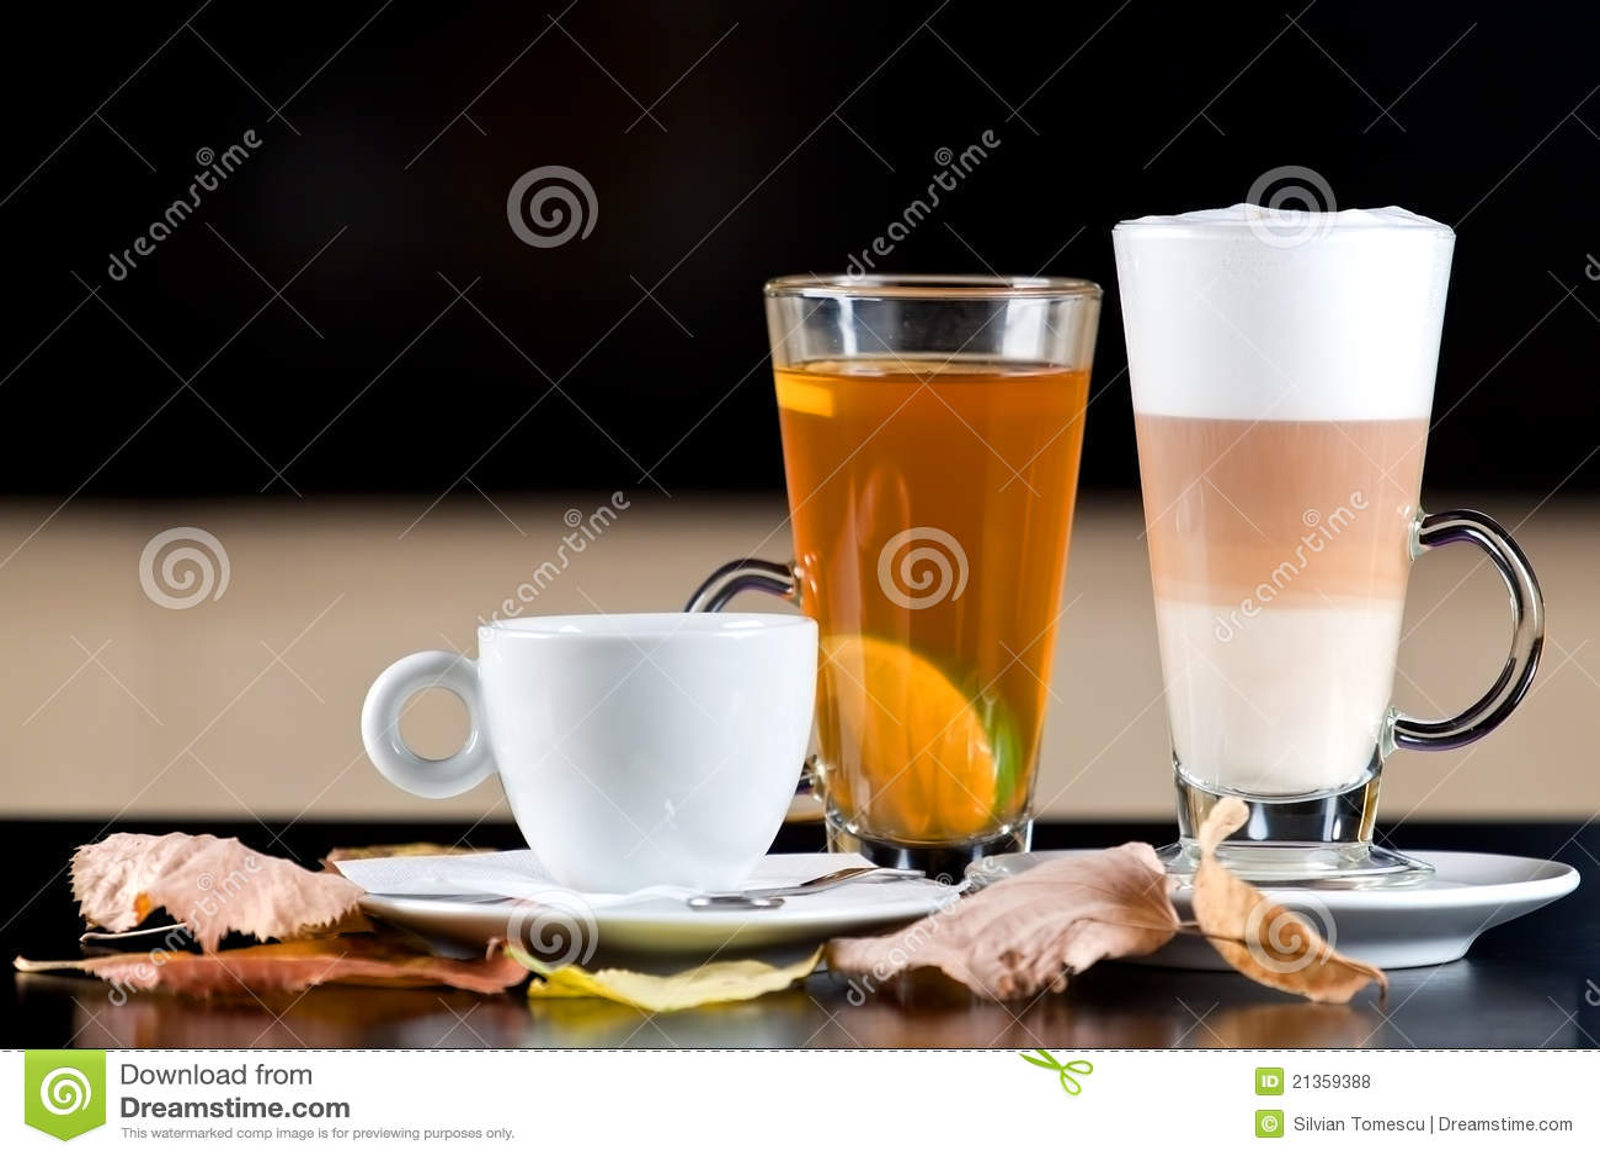 Warme dranken koffie thee latte met de herfstbladeren royalty vrije stock foto 39 s afbeelding - Lijst van warme kleuren ...